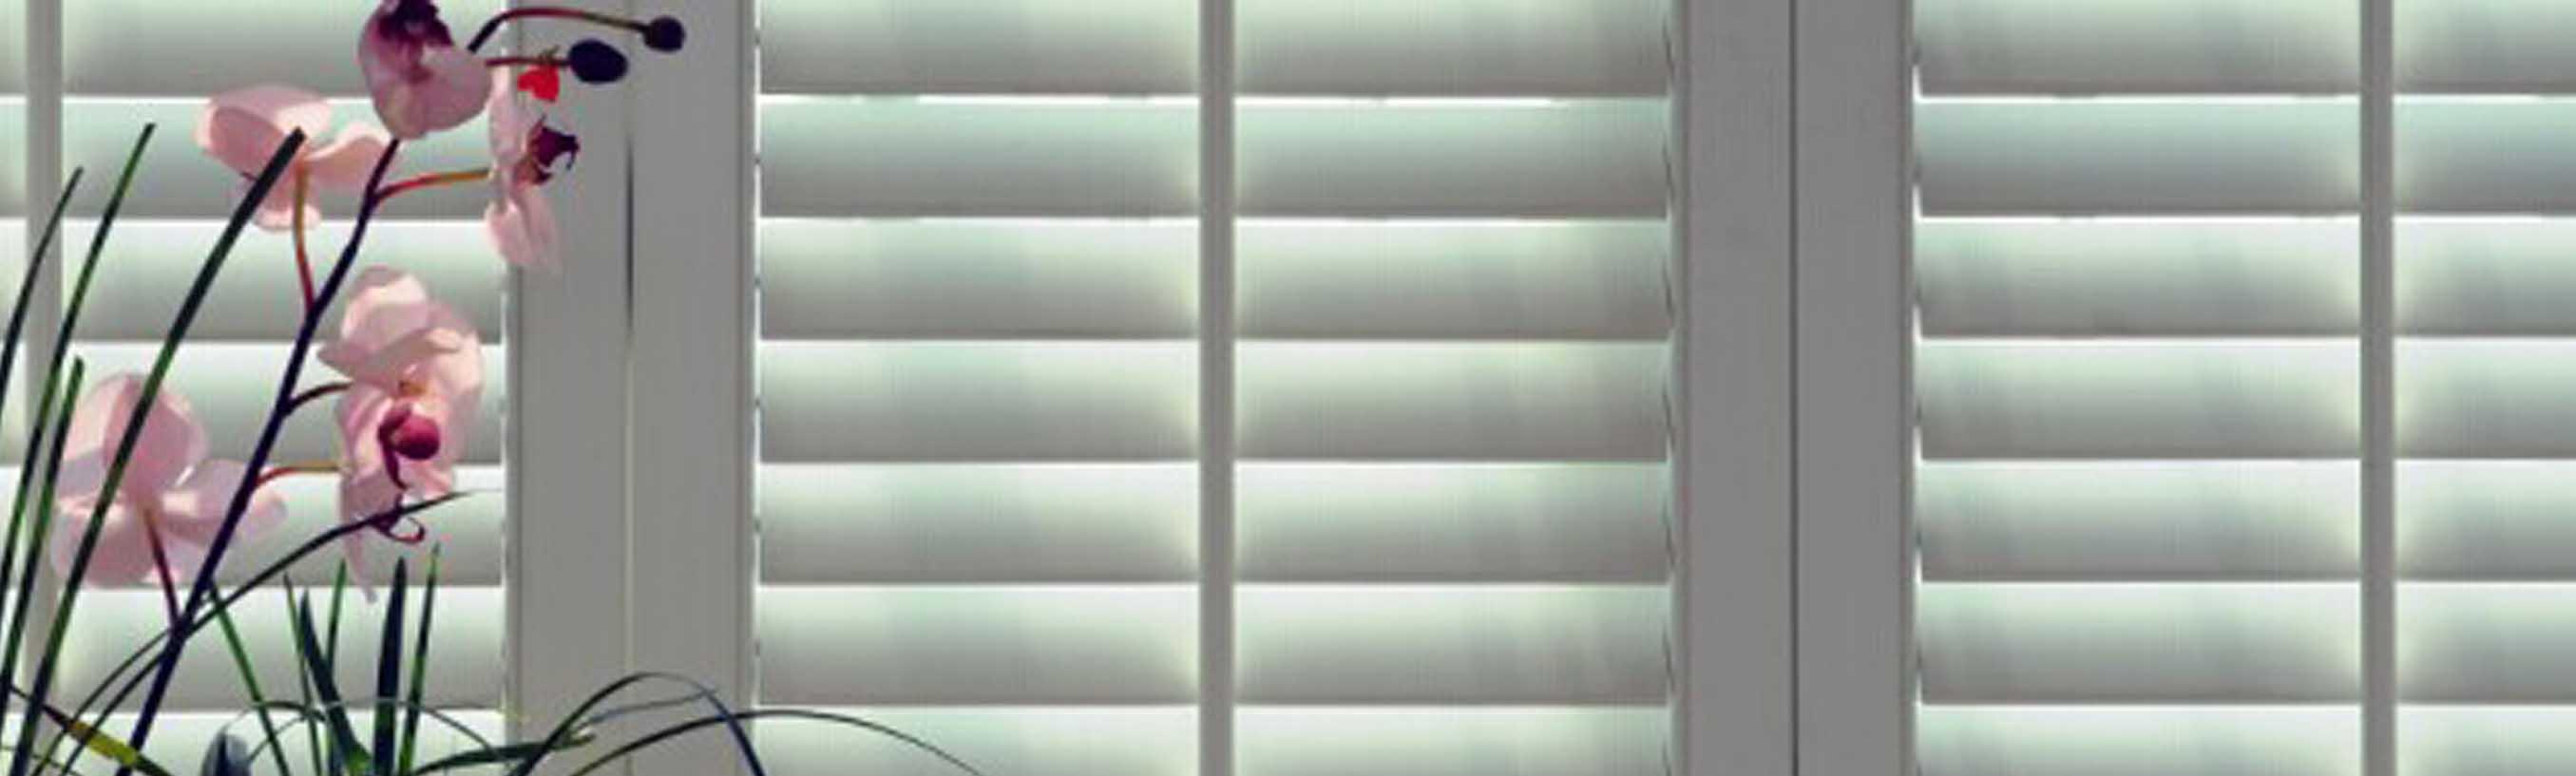 shutters2